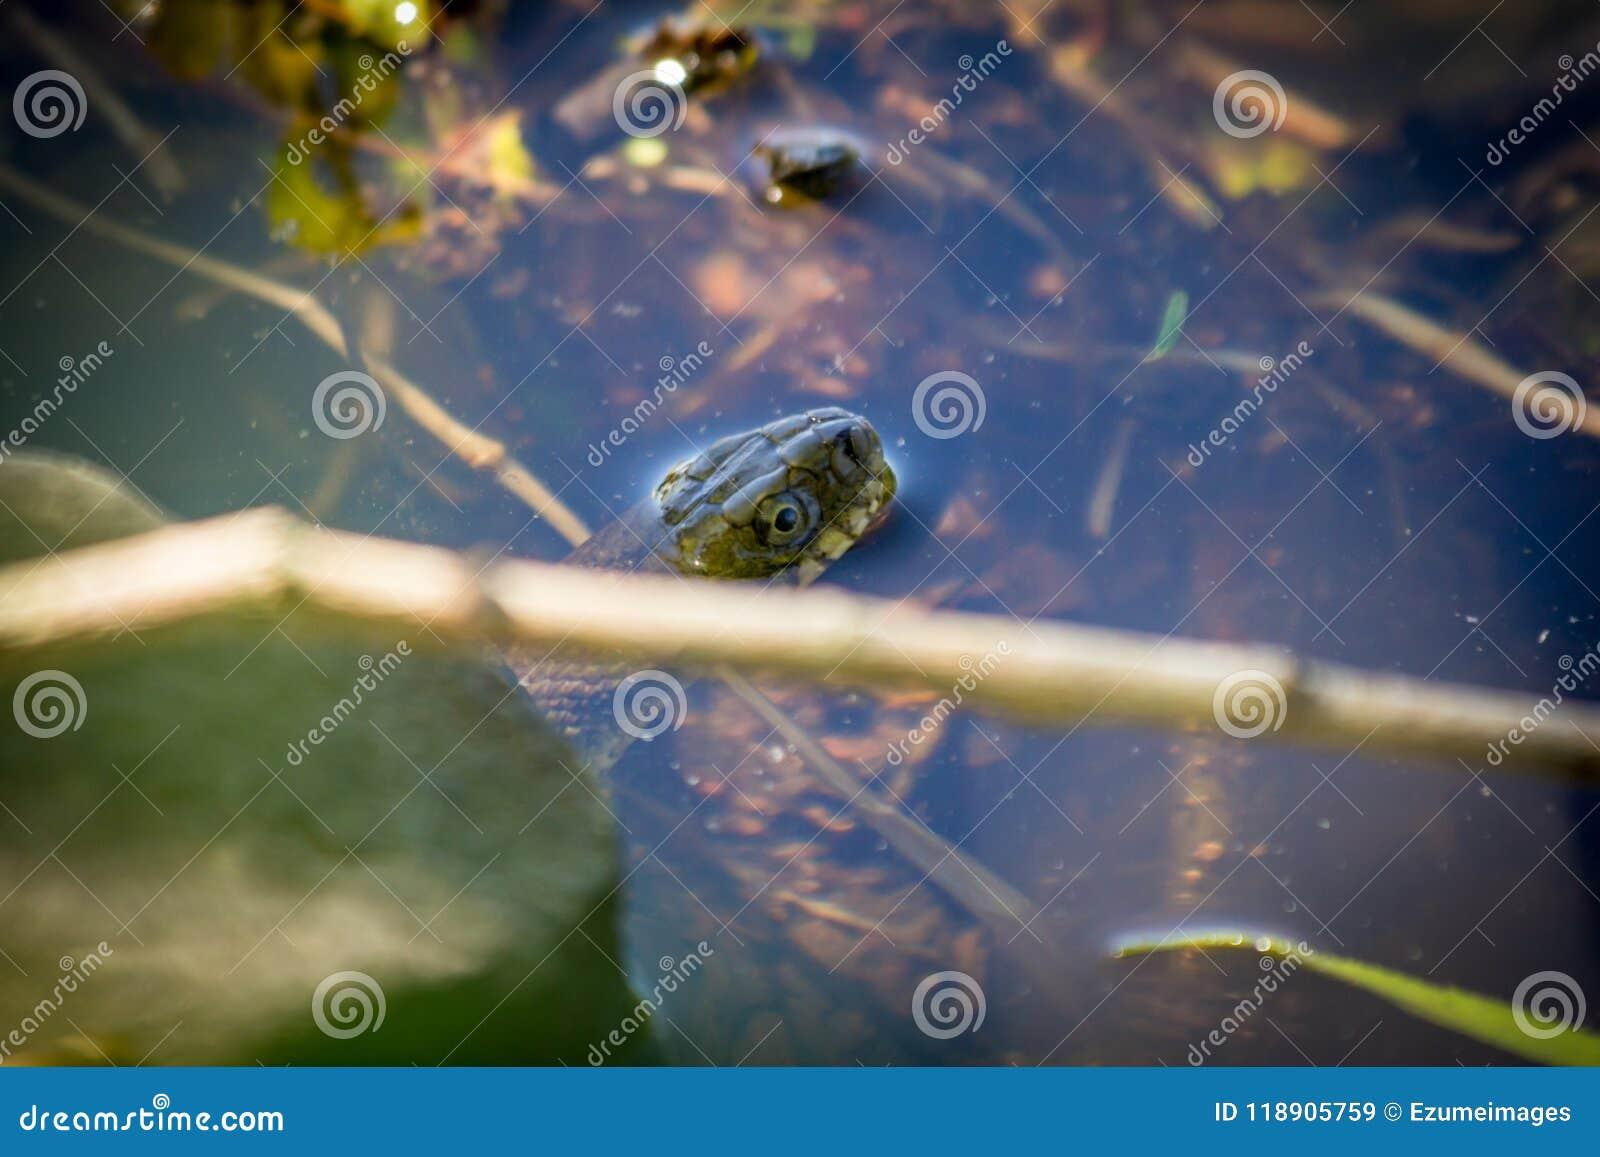 Serpente de água do norte unida